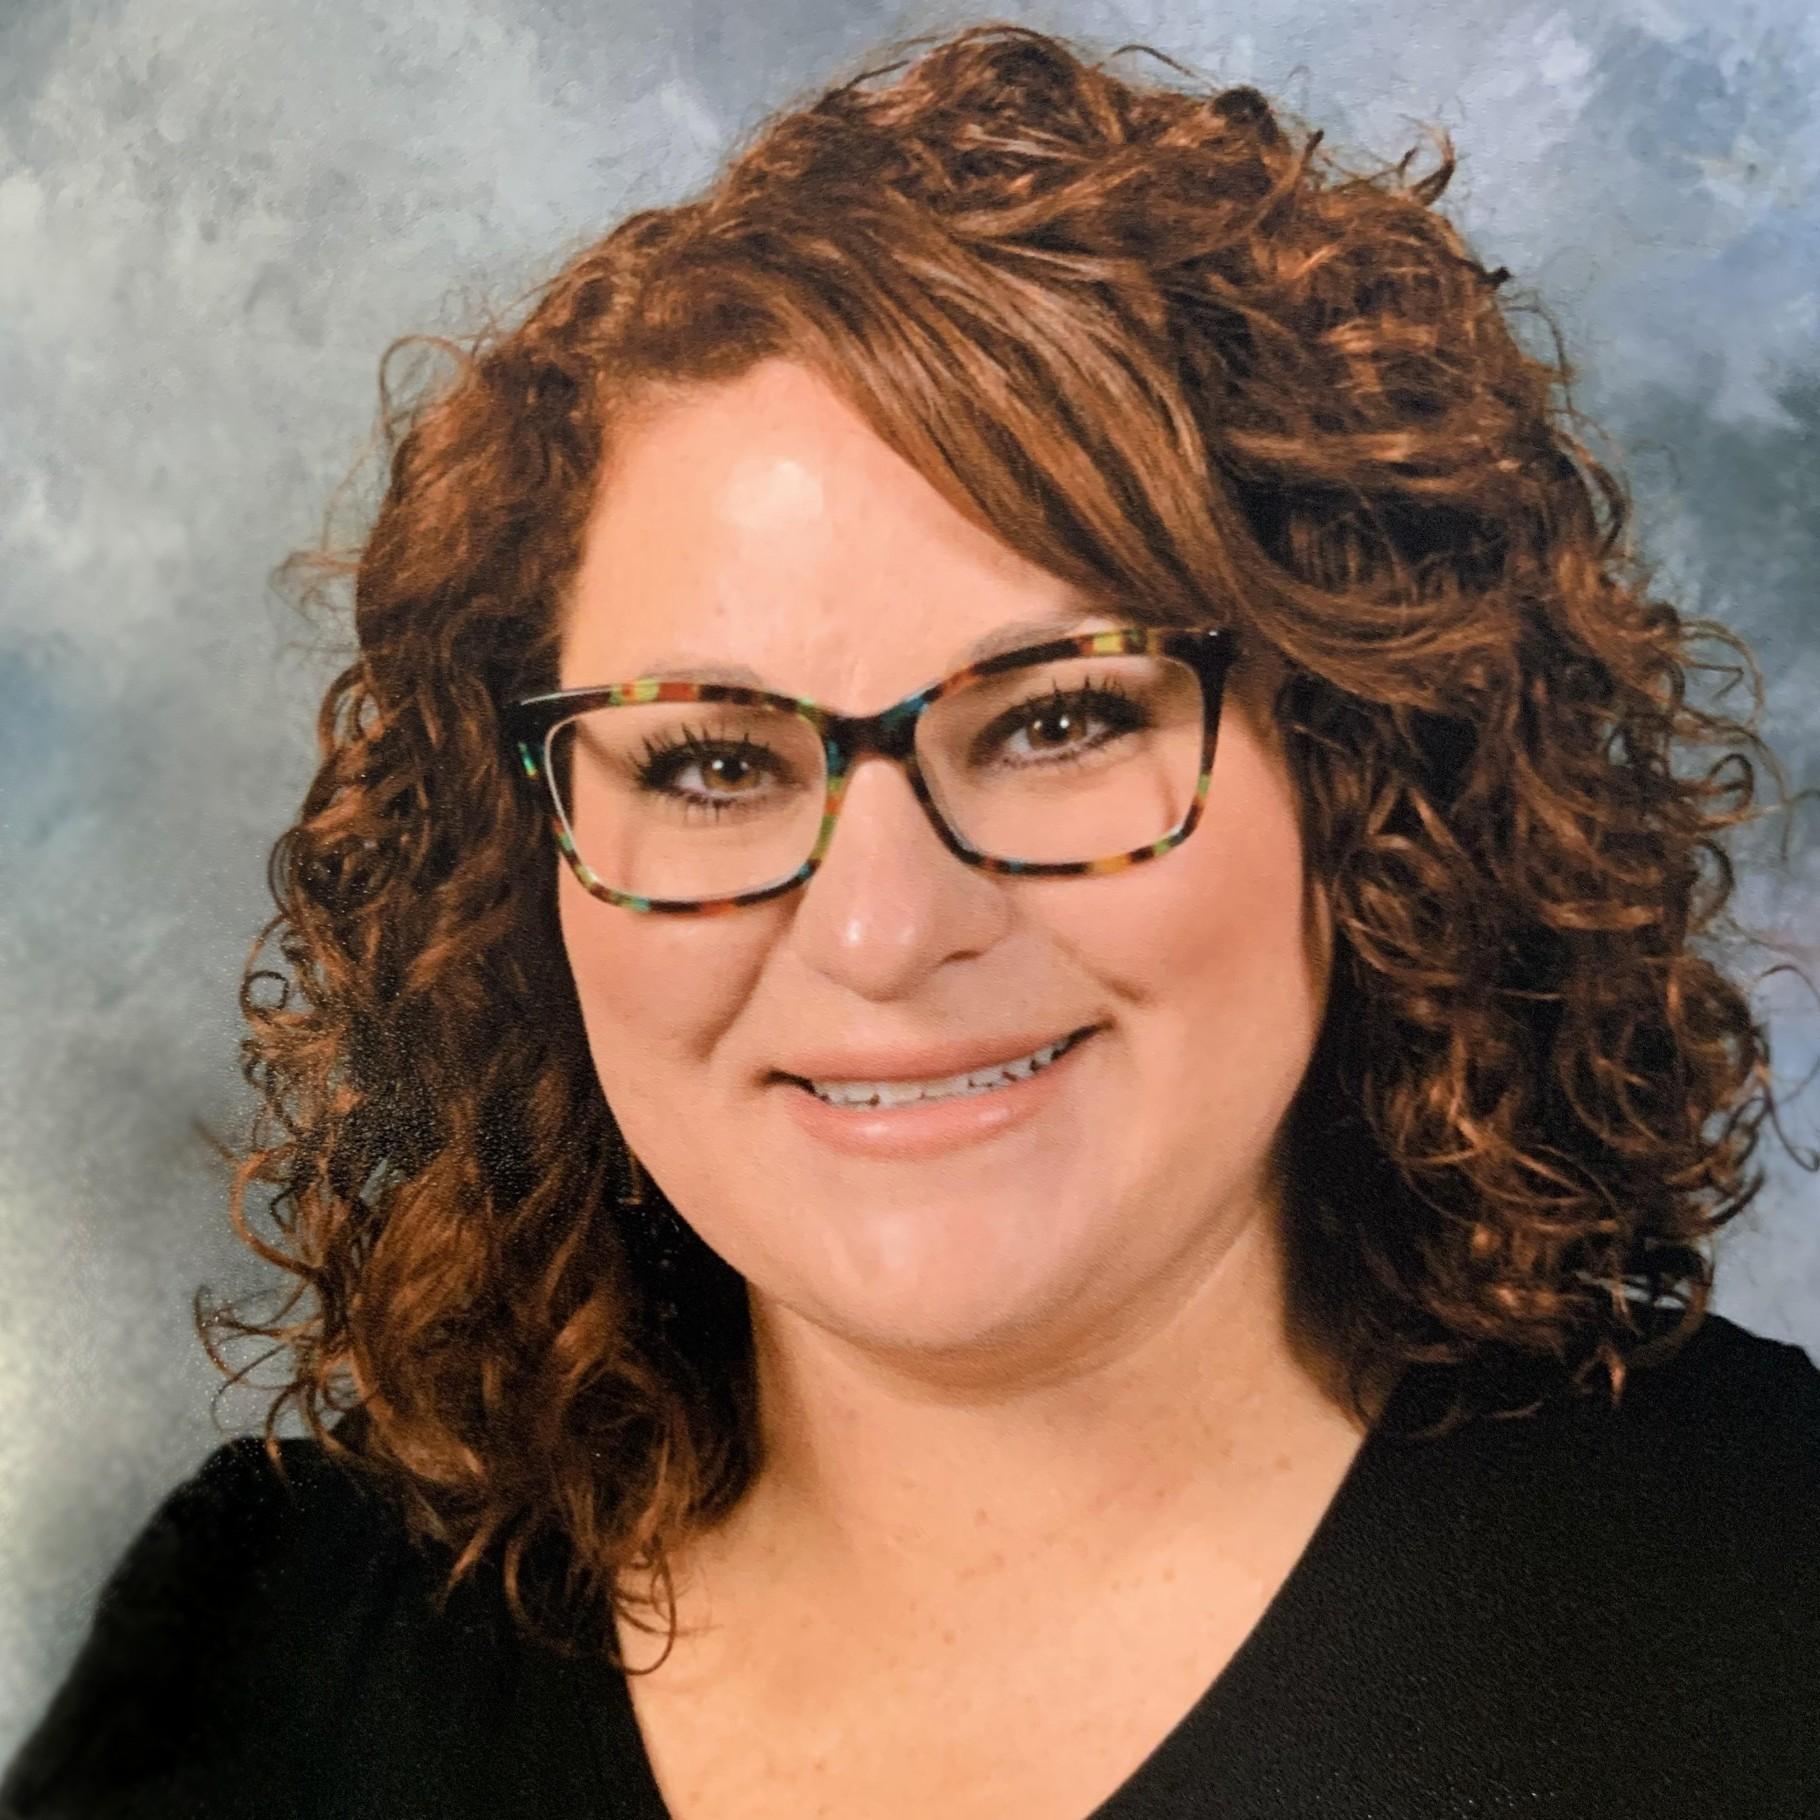 Brittany Ferrell's Profile Photo